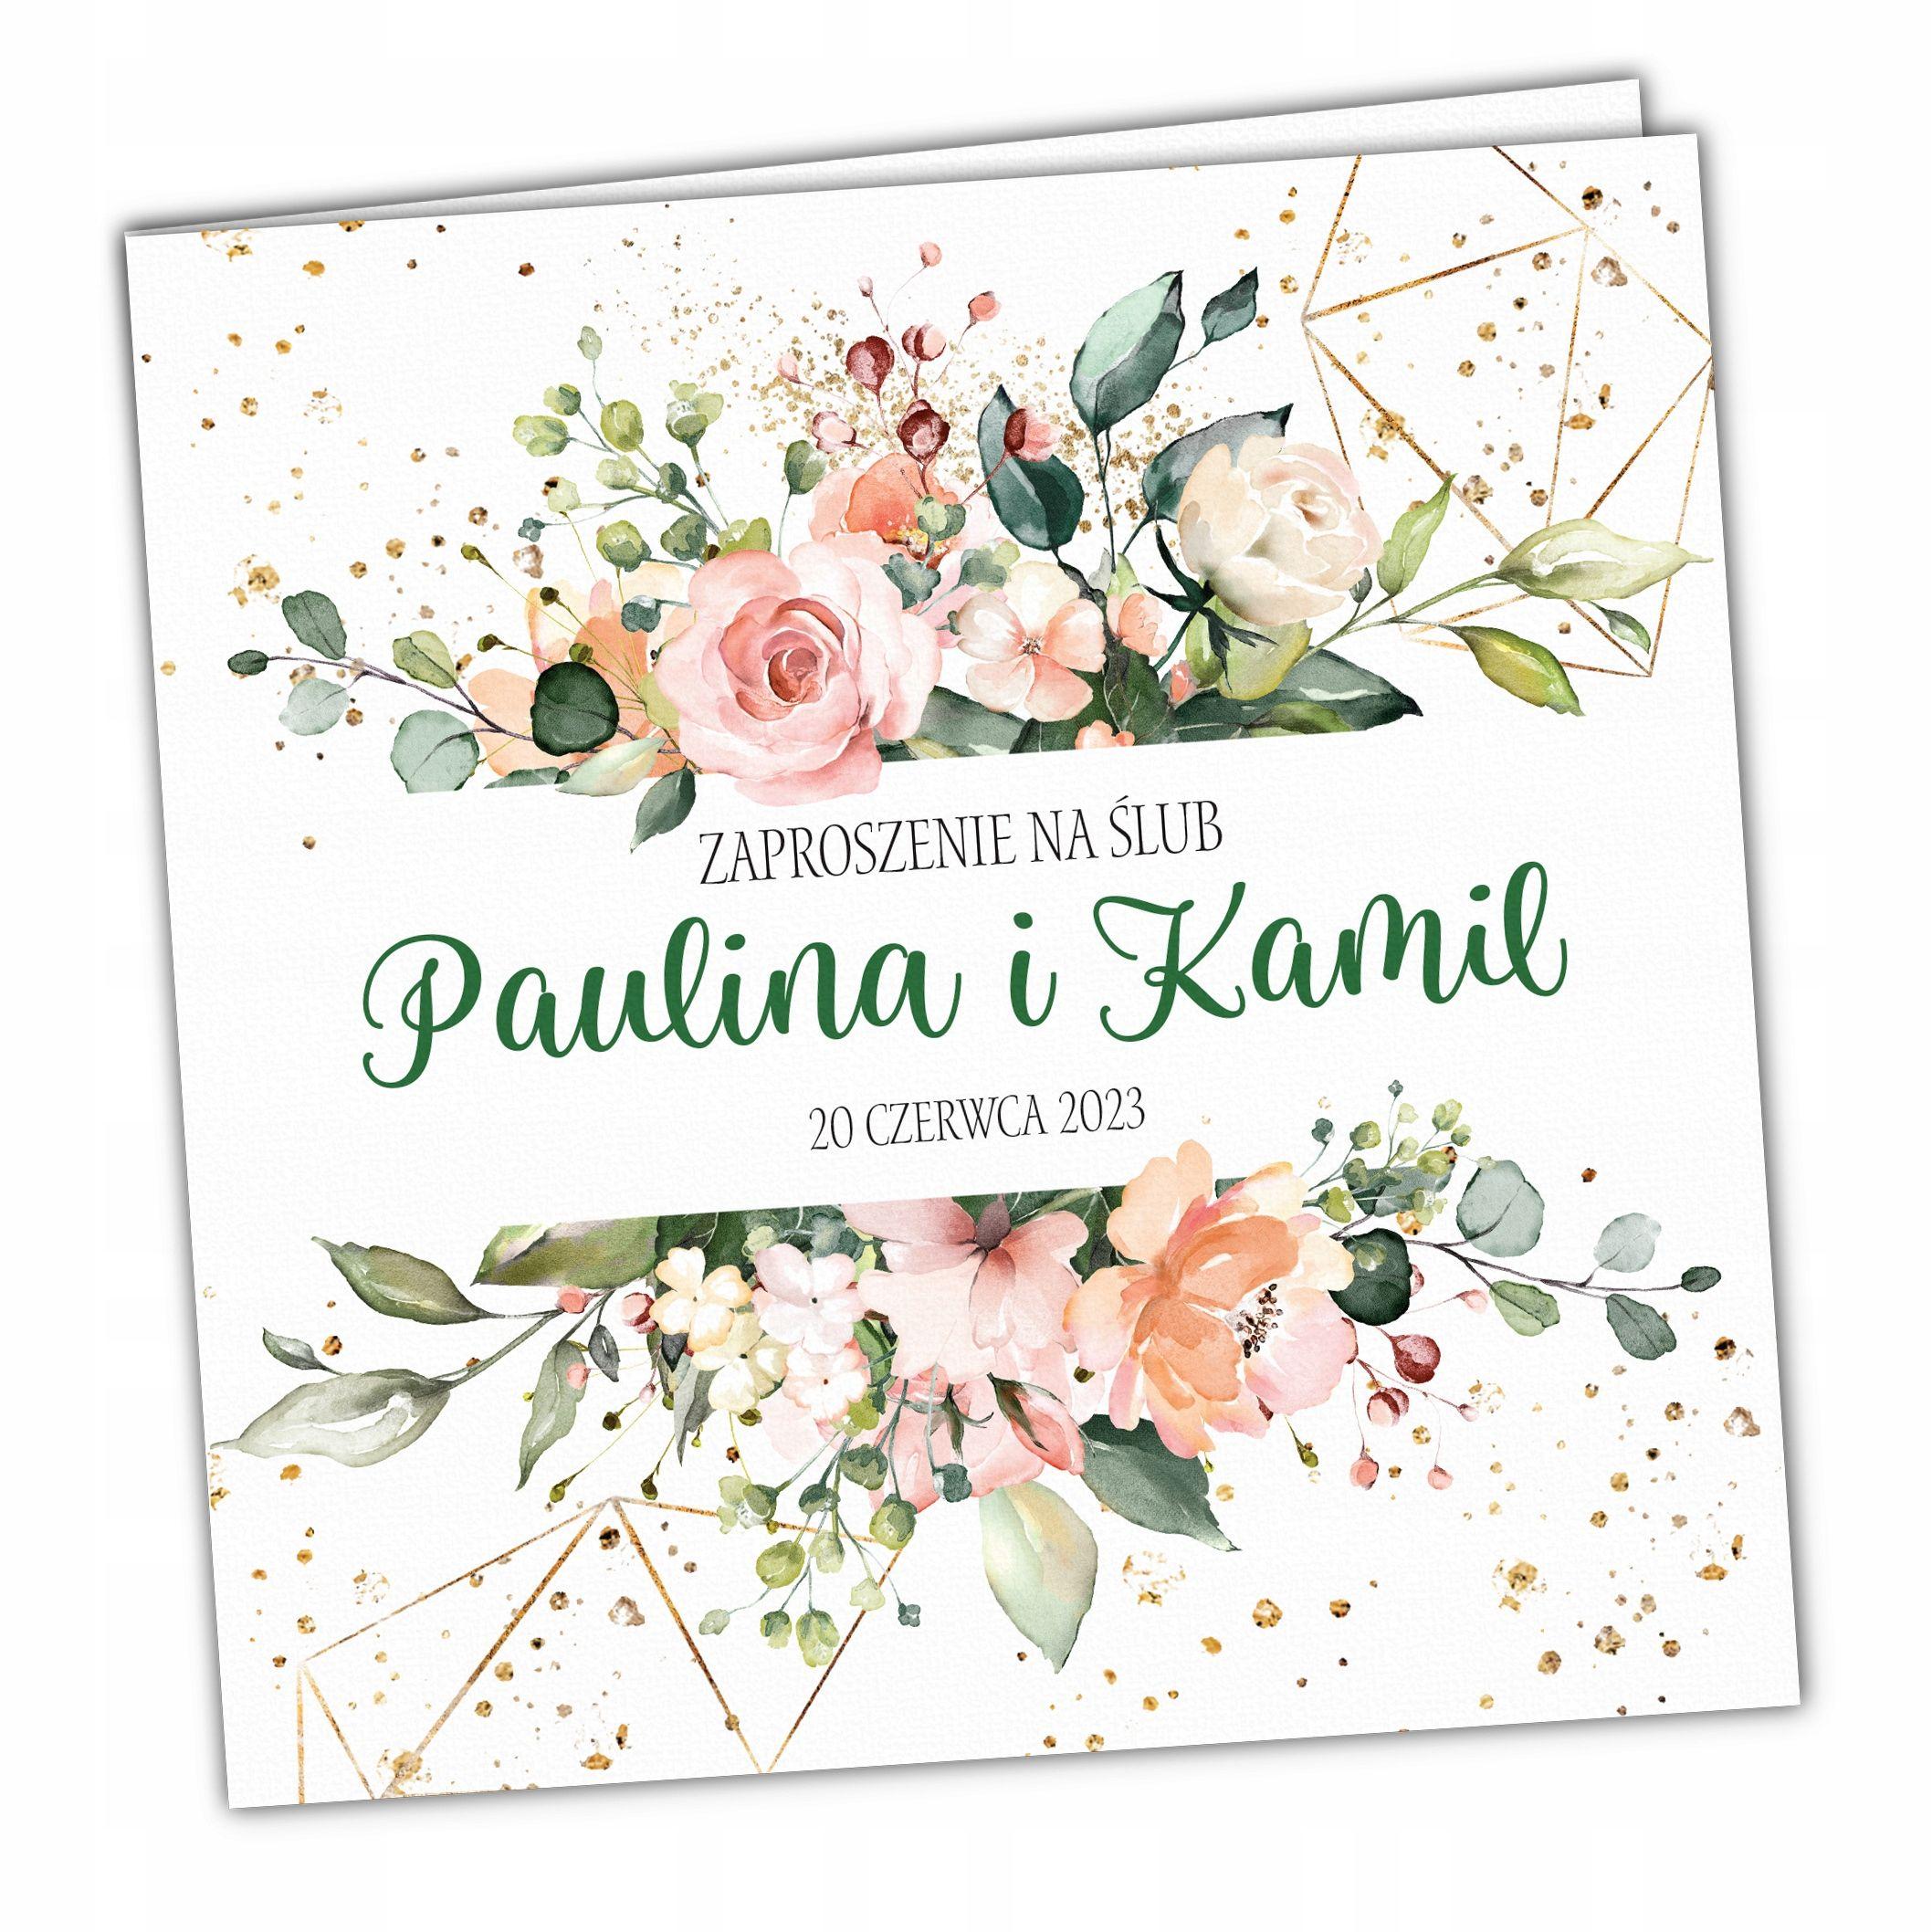 Zaproszenia Slubne Rustykalne Kwiaty Koperta Wedding Invitation Video Wedding Invitations Wedding Cards